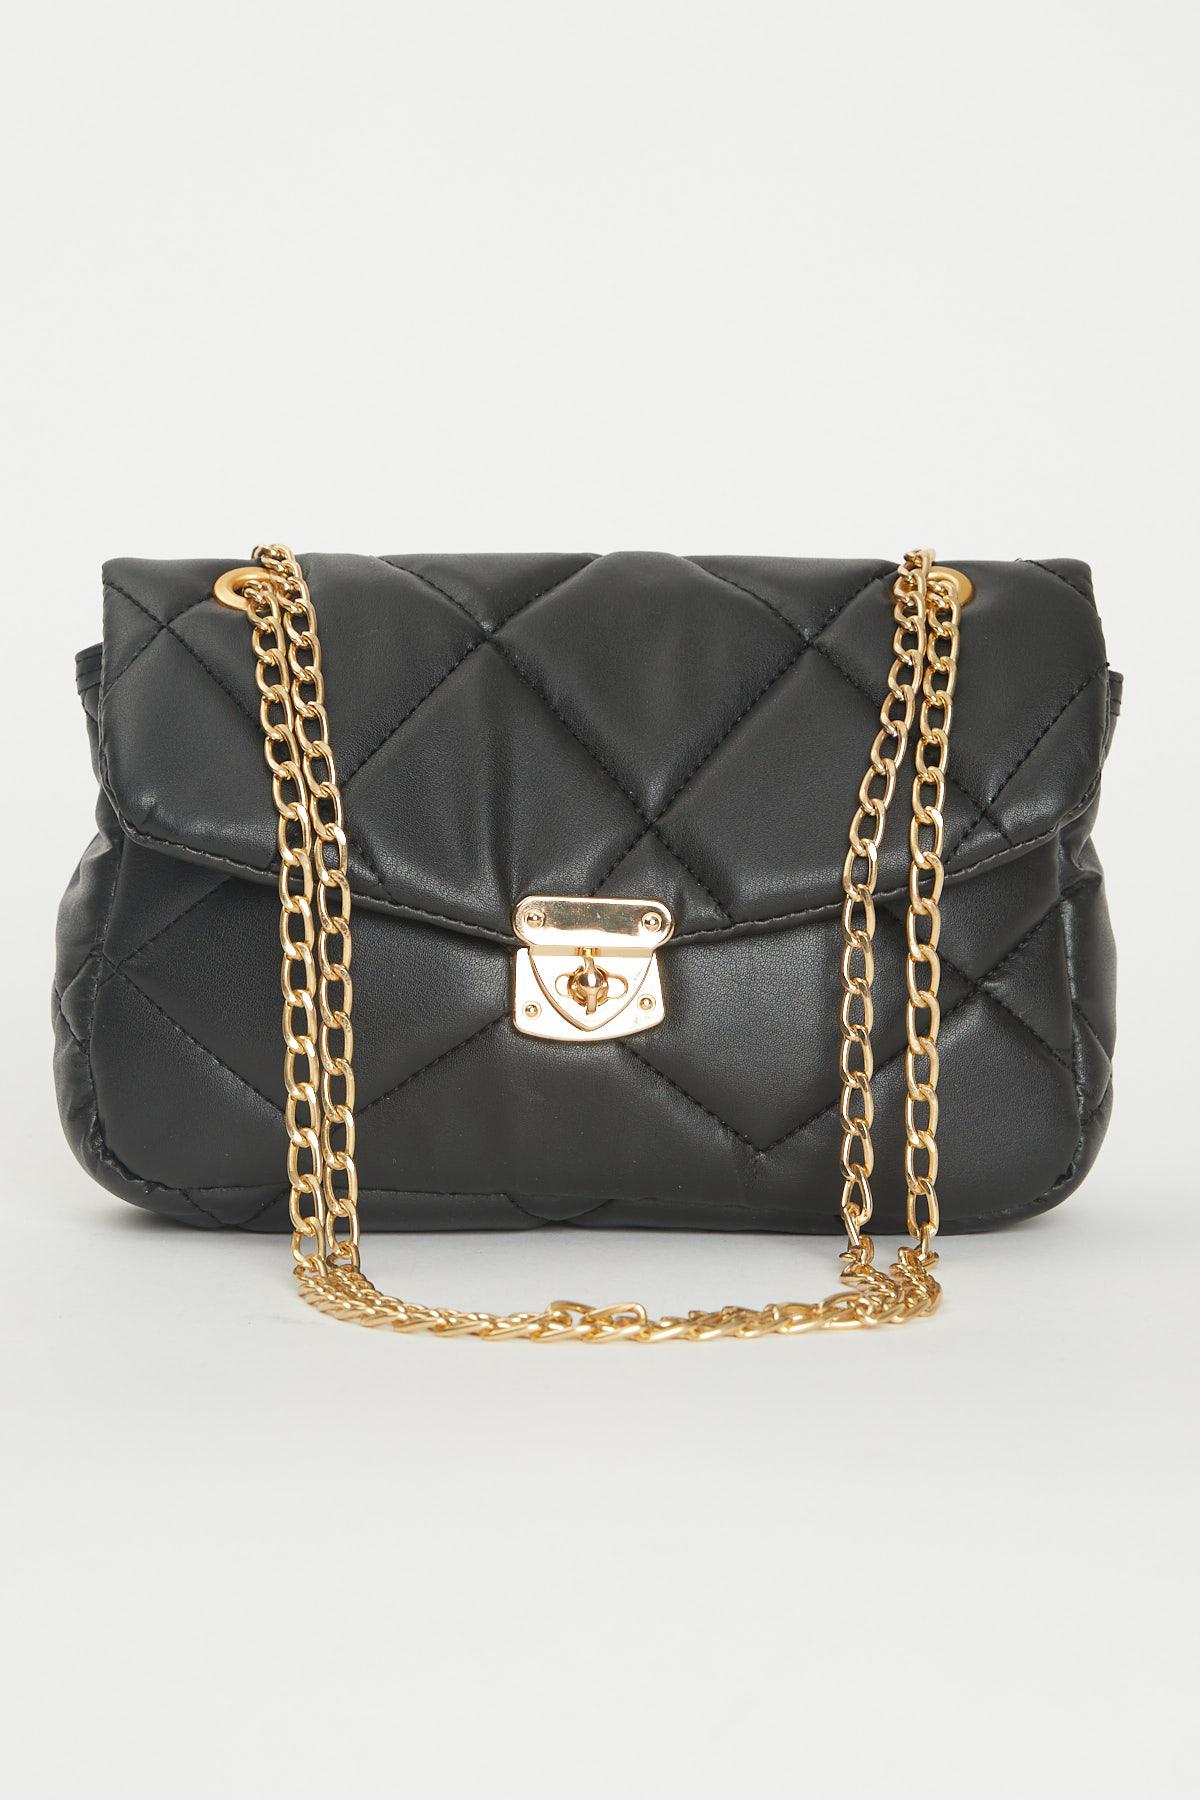 حقيبة كروس بودي مبطنة سوداء مفصلة بسلسلة نسائية